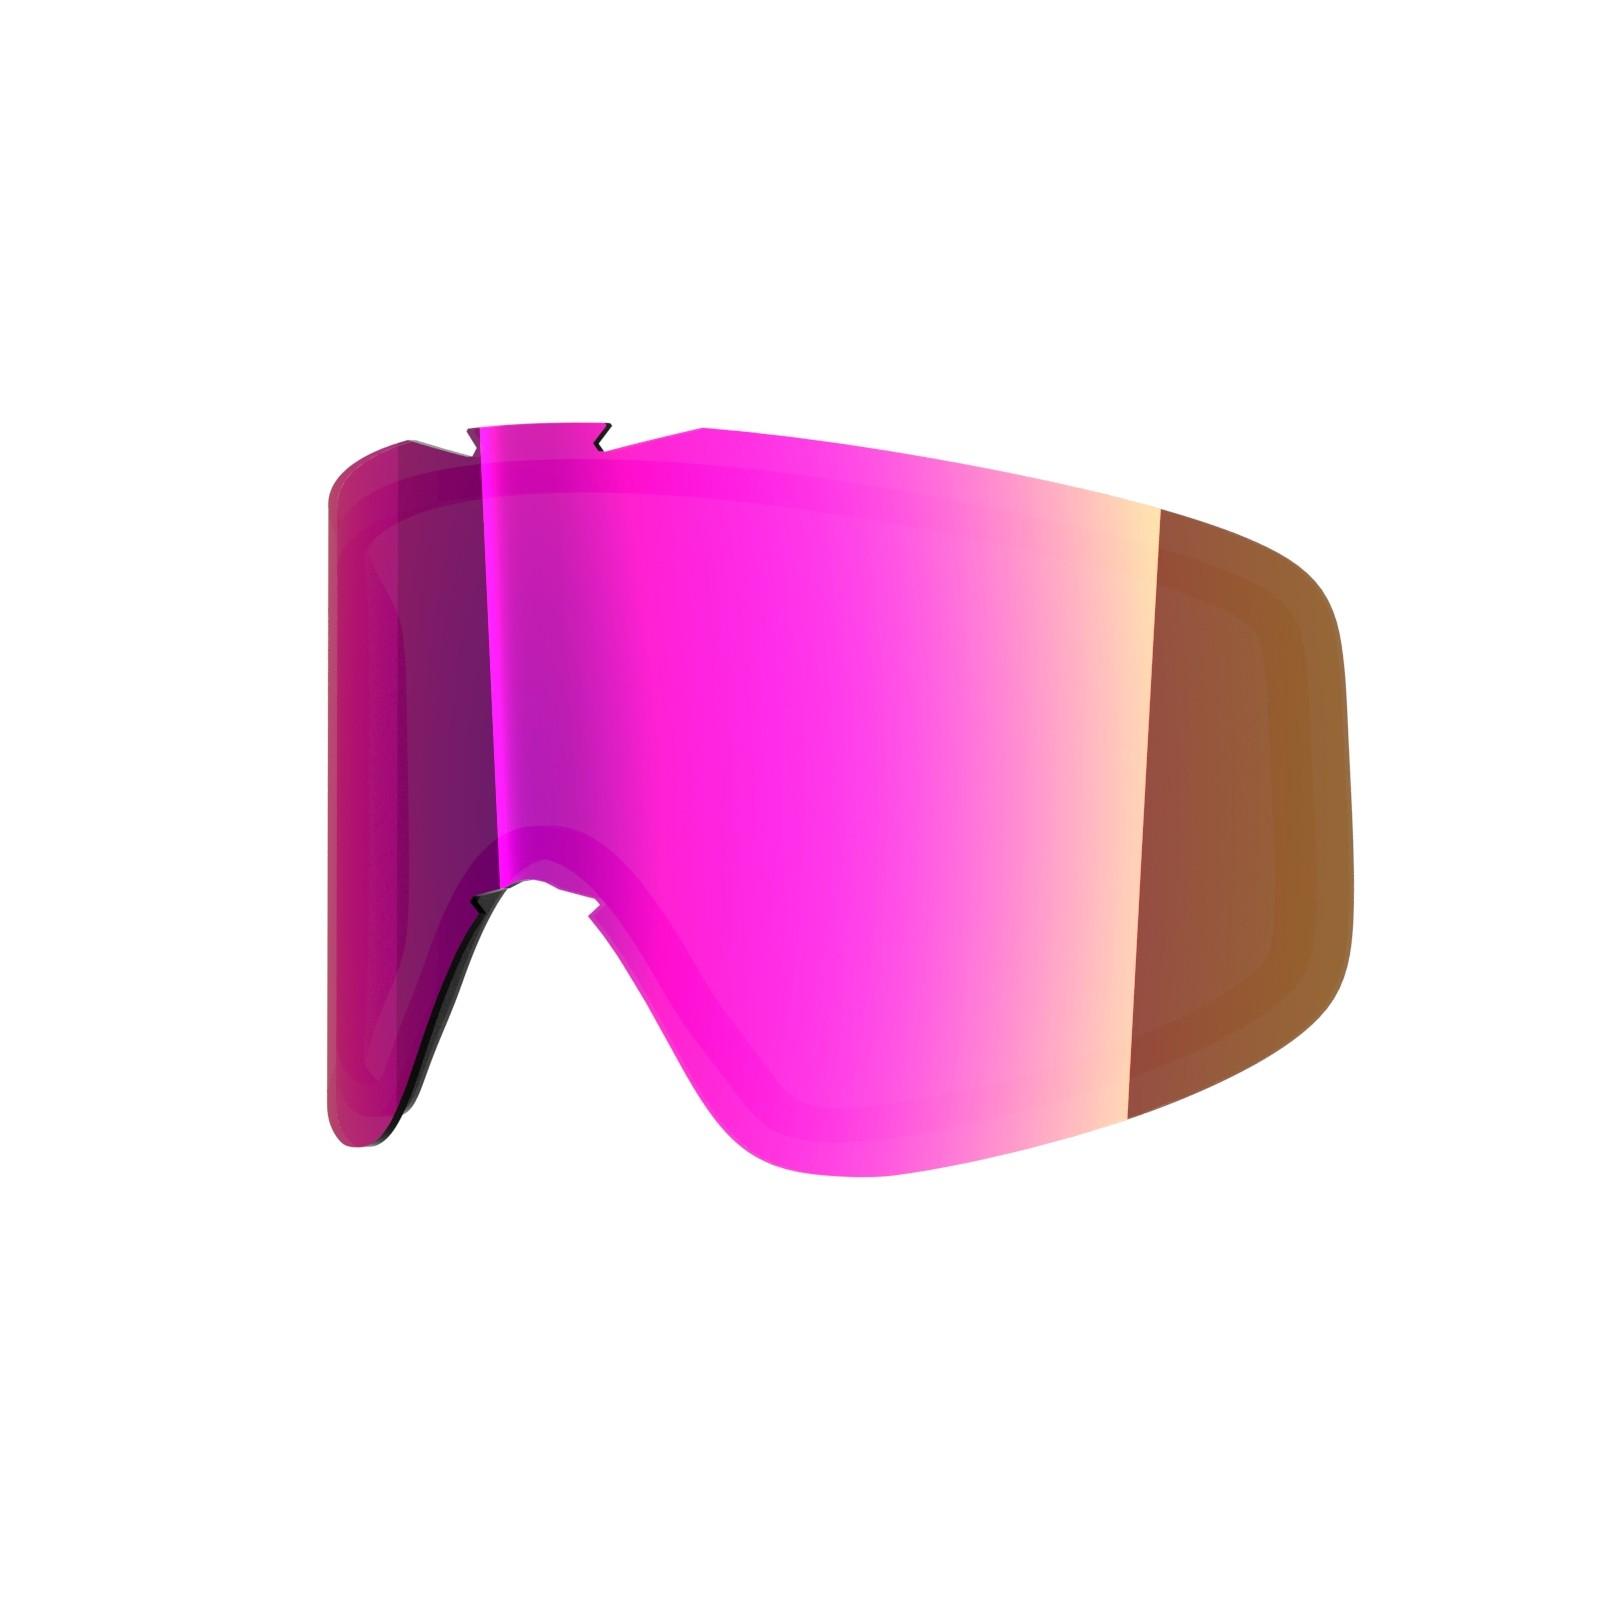 VIOLET MCI lens for  Flat goggle